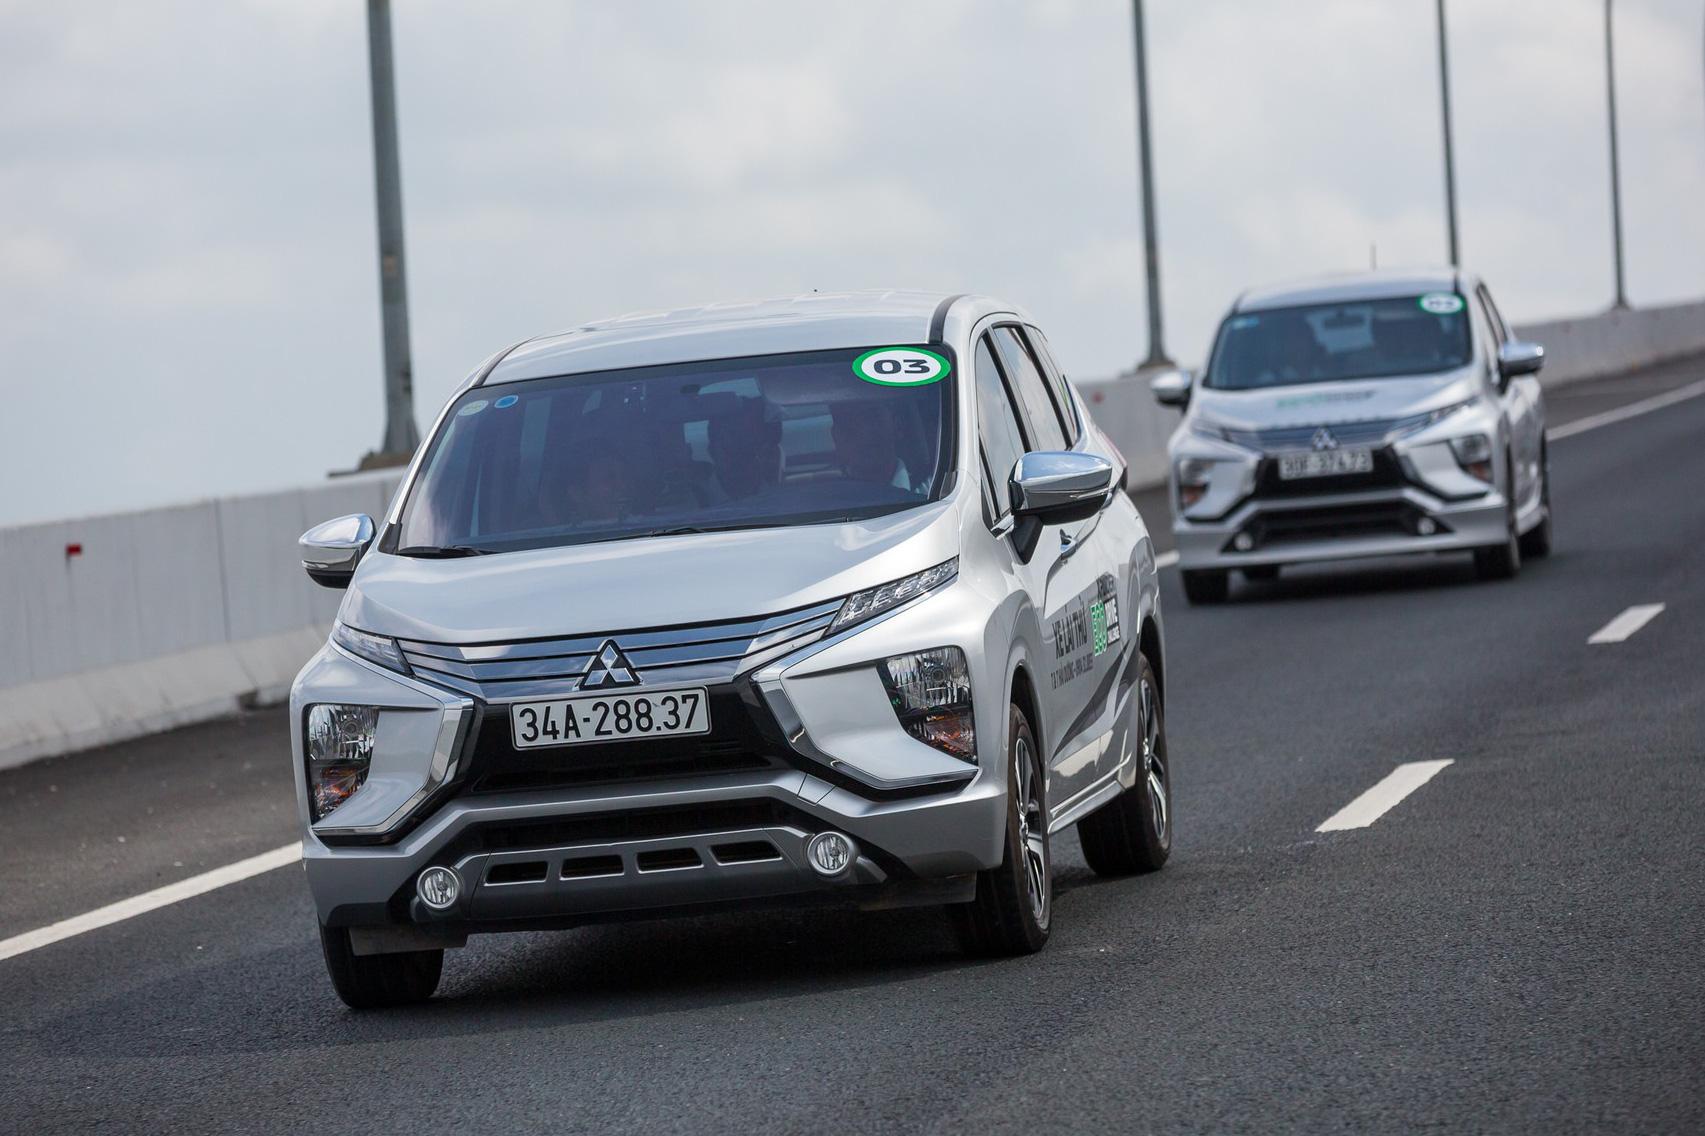 Mitsubishi Việt Nam triệu hồi Outlander và Xpander để kiểm tra và nâng cấp bơm xăng - Ảnh 2.